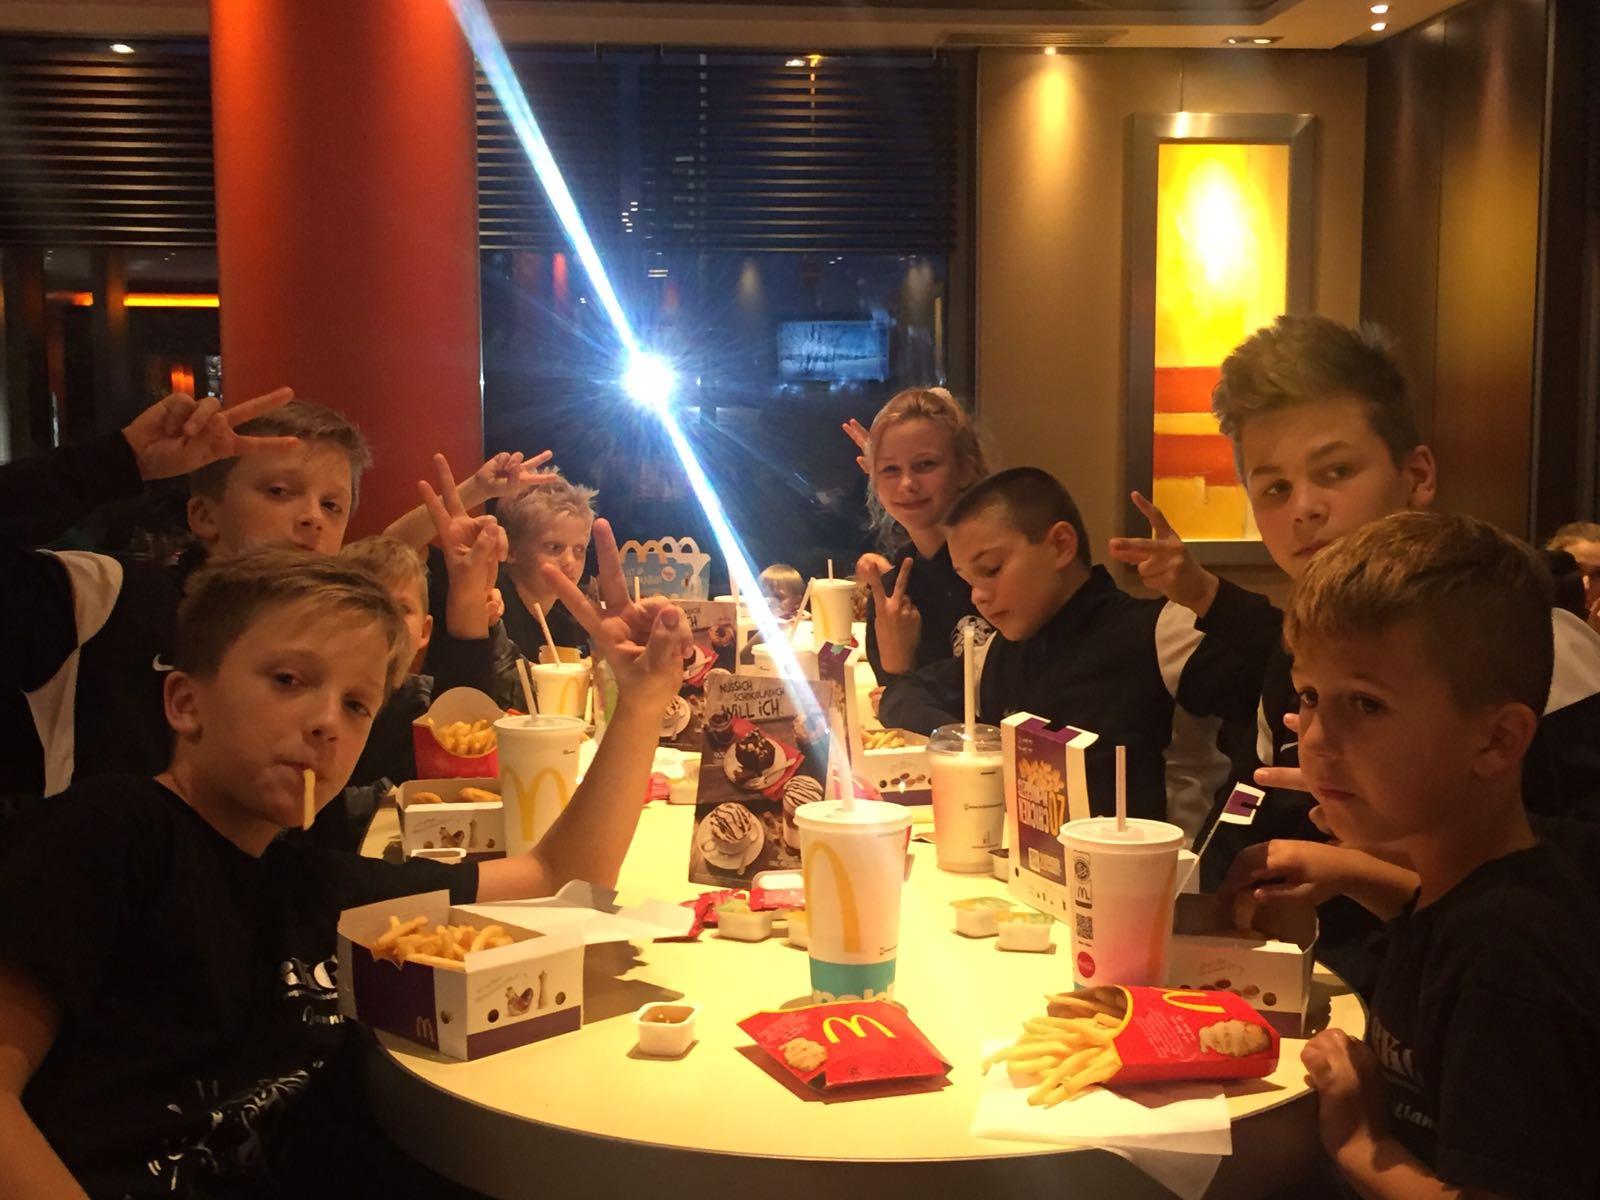 Schülermannschaft: Erkämpftes Unentschieden in Ketsch/Zeitliche Verschiebung beim nächsten Kampf